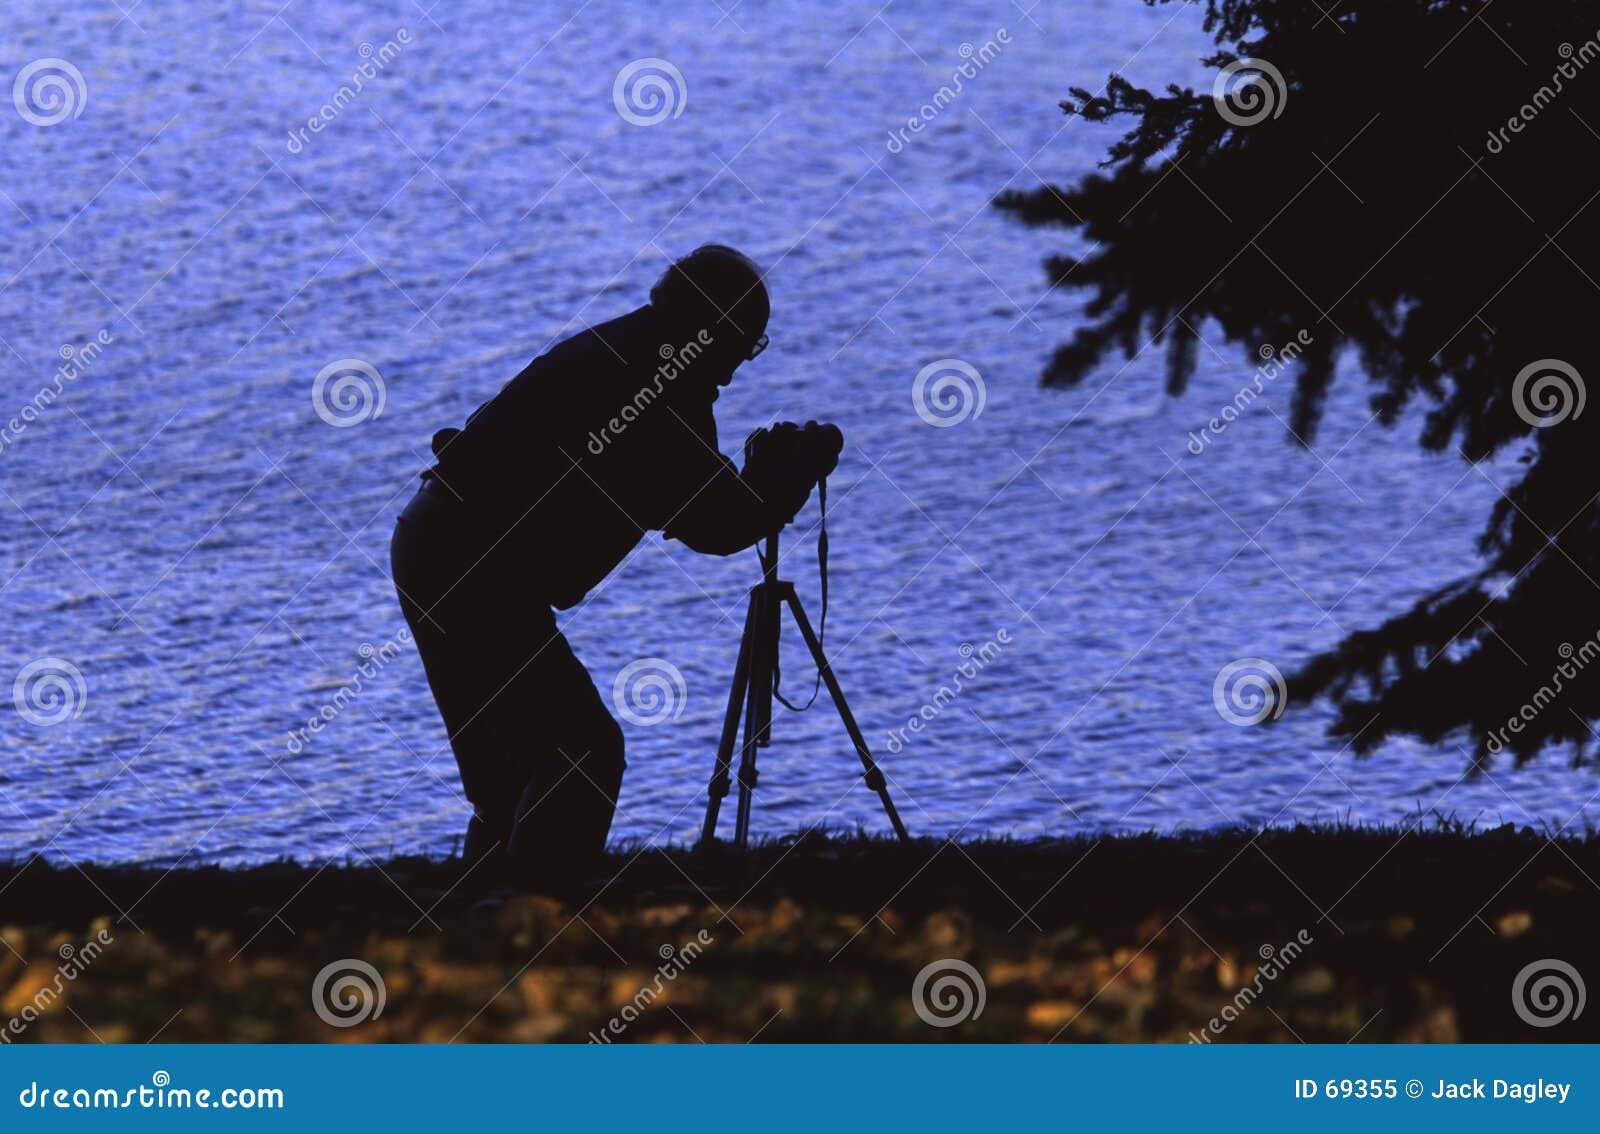 摄影师剪影